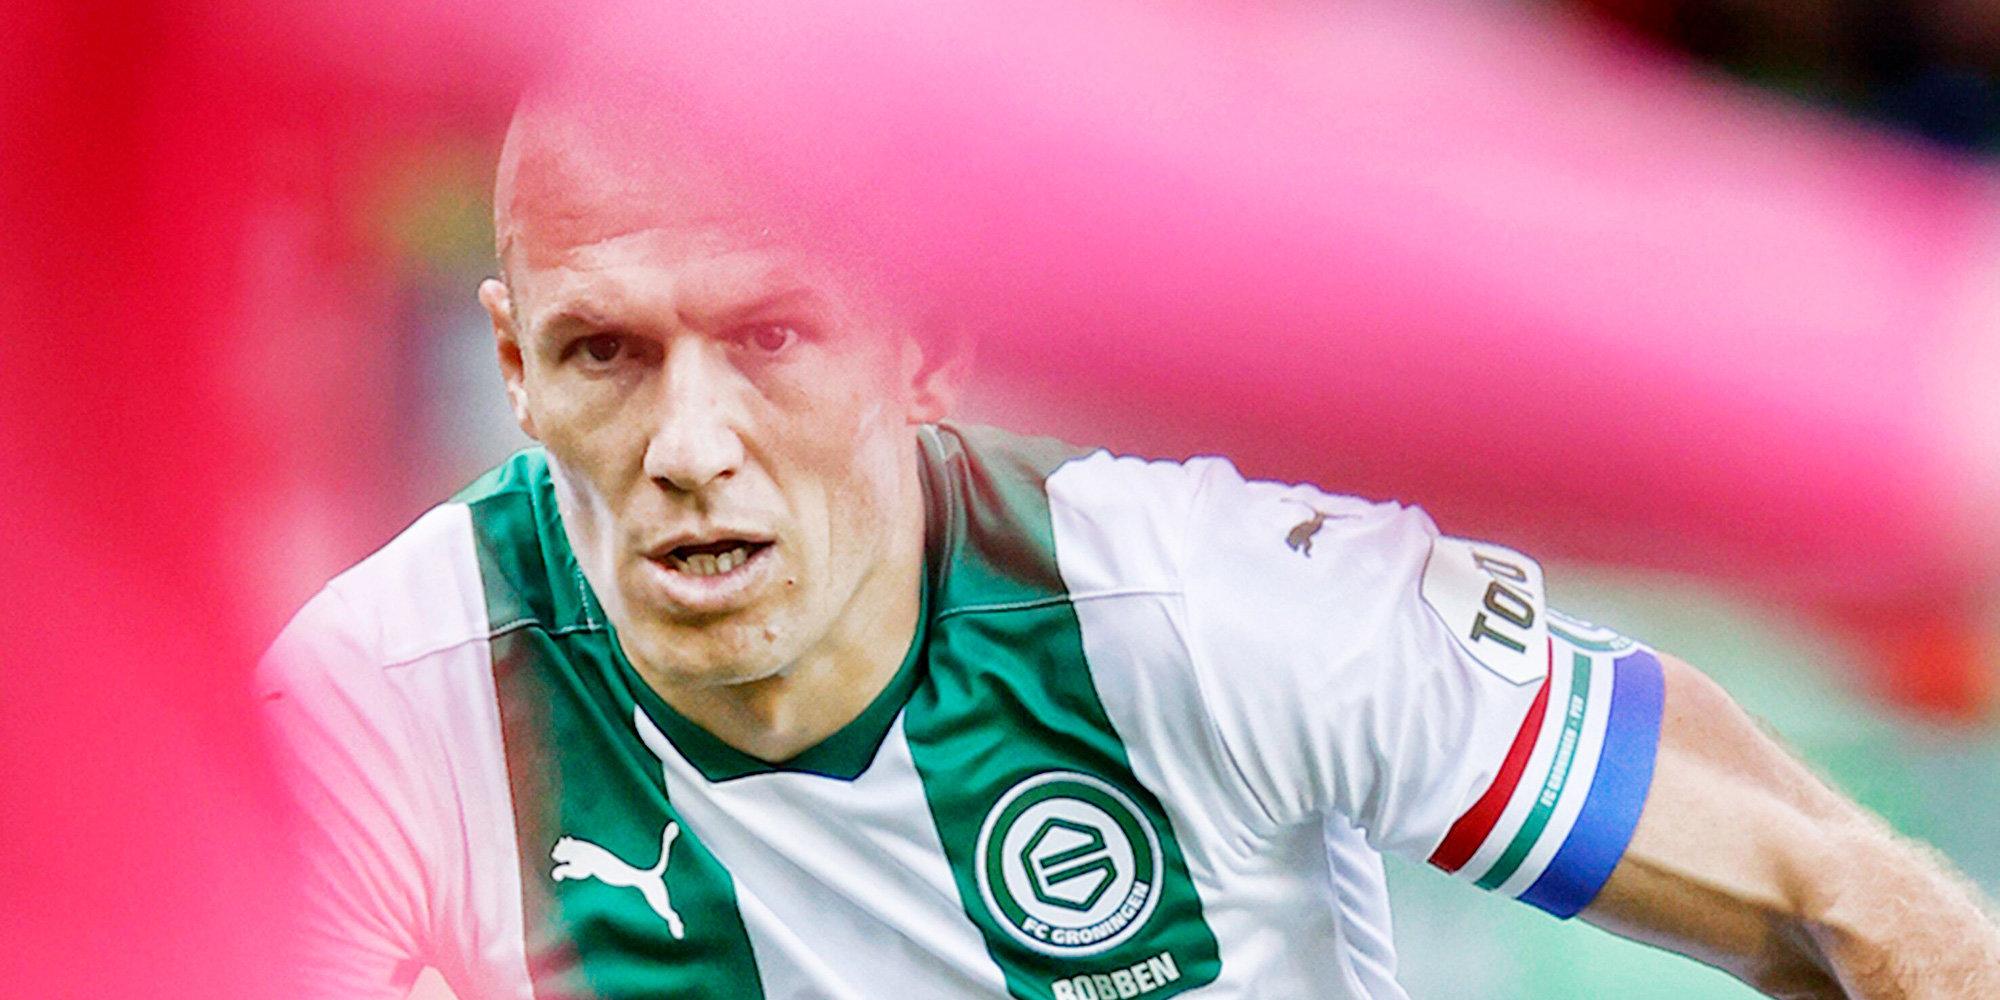 «Гронинген» предложил новый контракт 37-летнему Роббену, отыгравшему за сезон 44 минуты